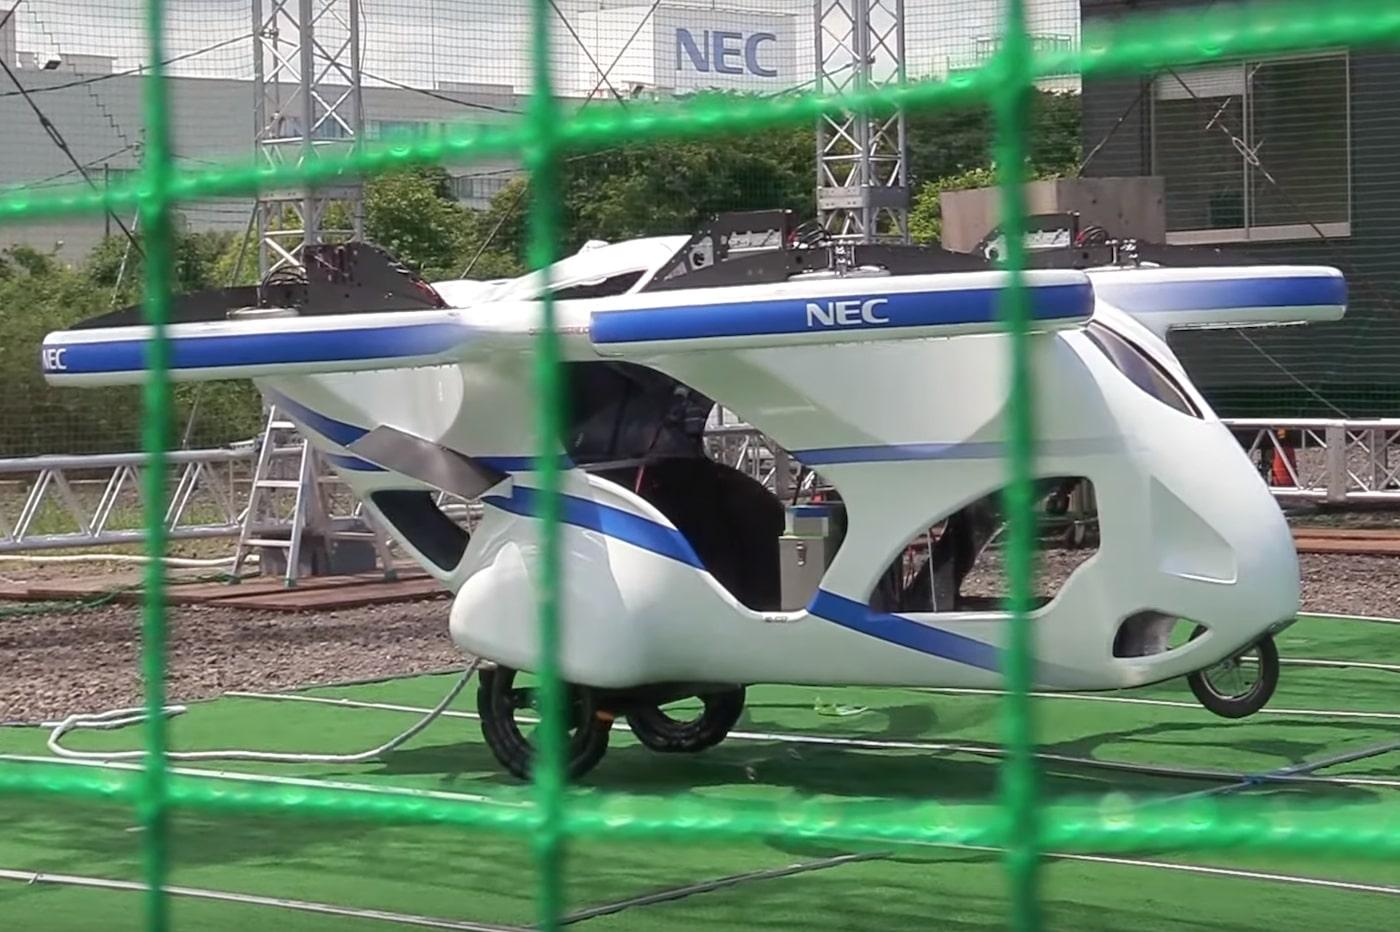 La voiture volante autonome commercialisée avant la voiture autonome sur route?